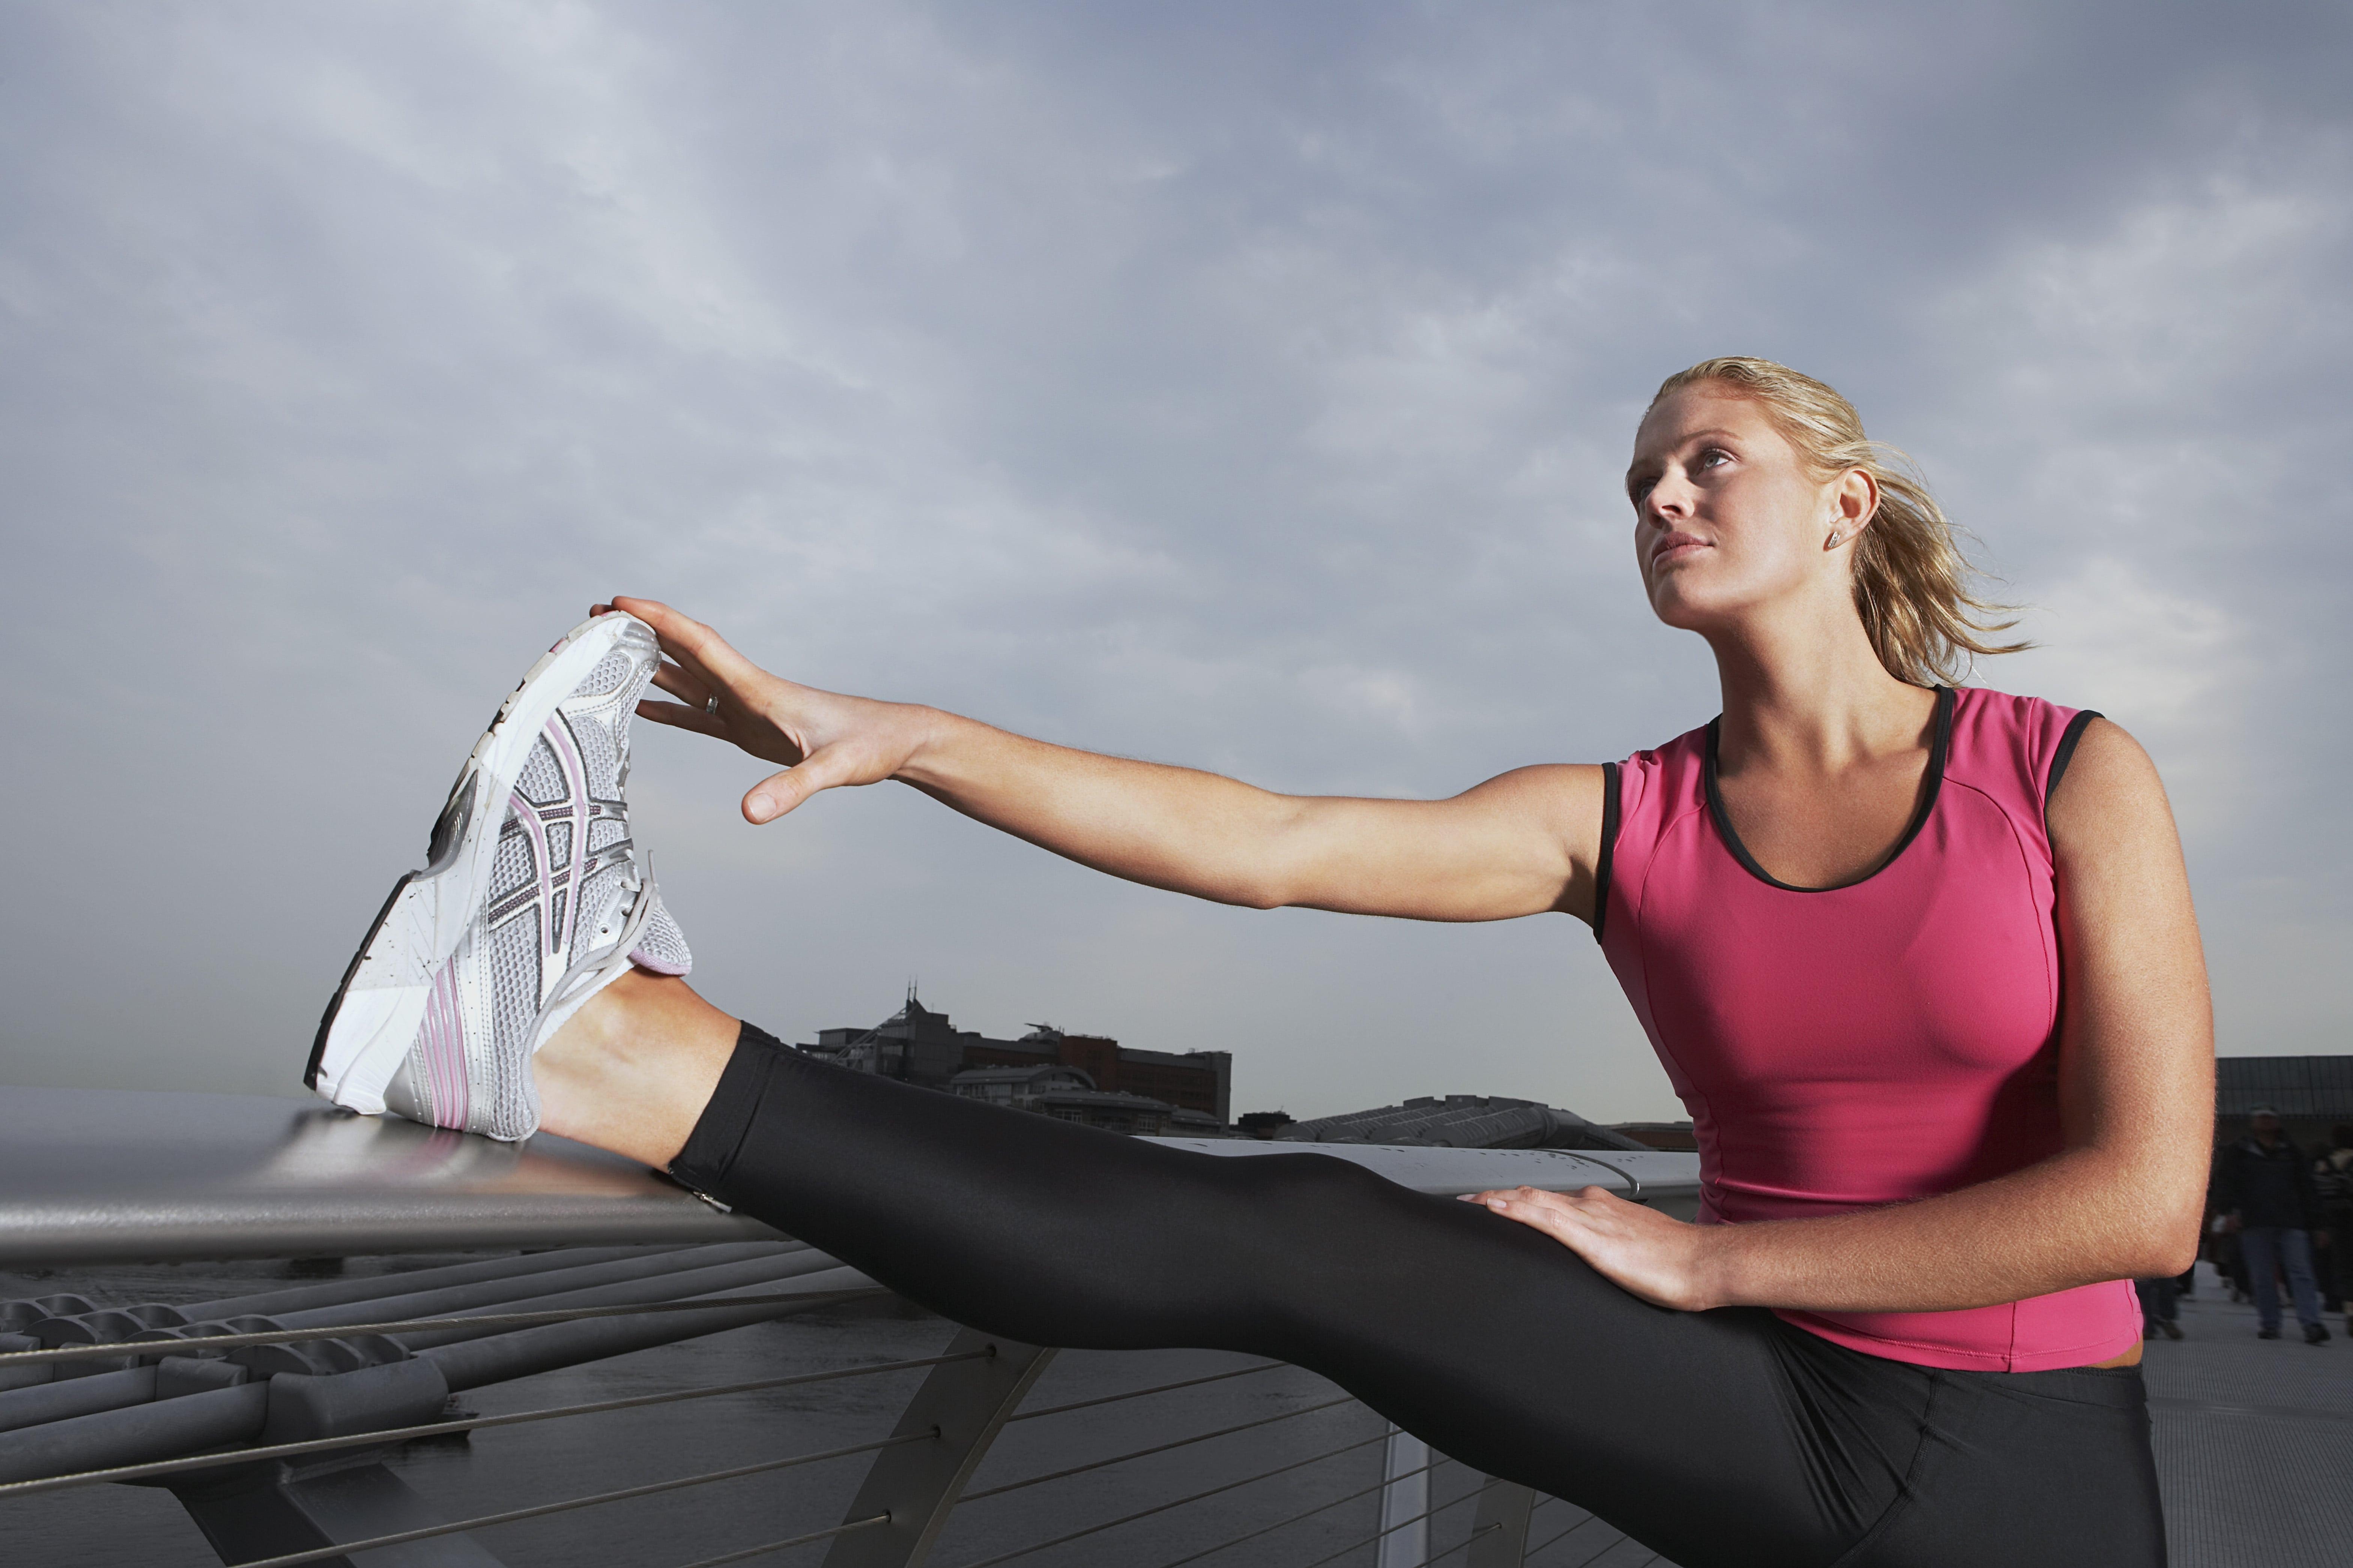 סובלים מנפיחות ברגליים? יש פיתרון